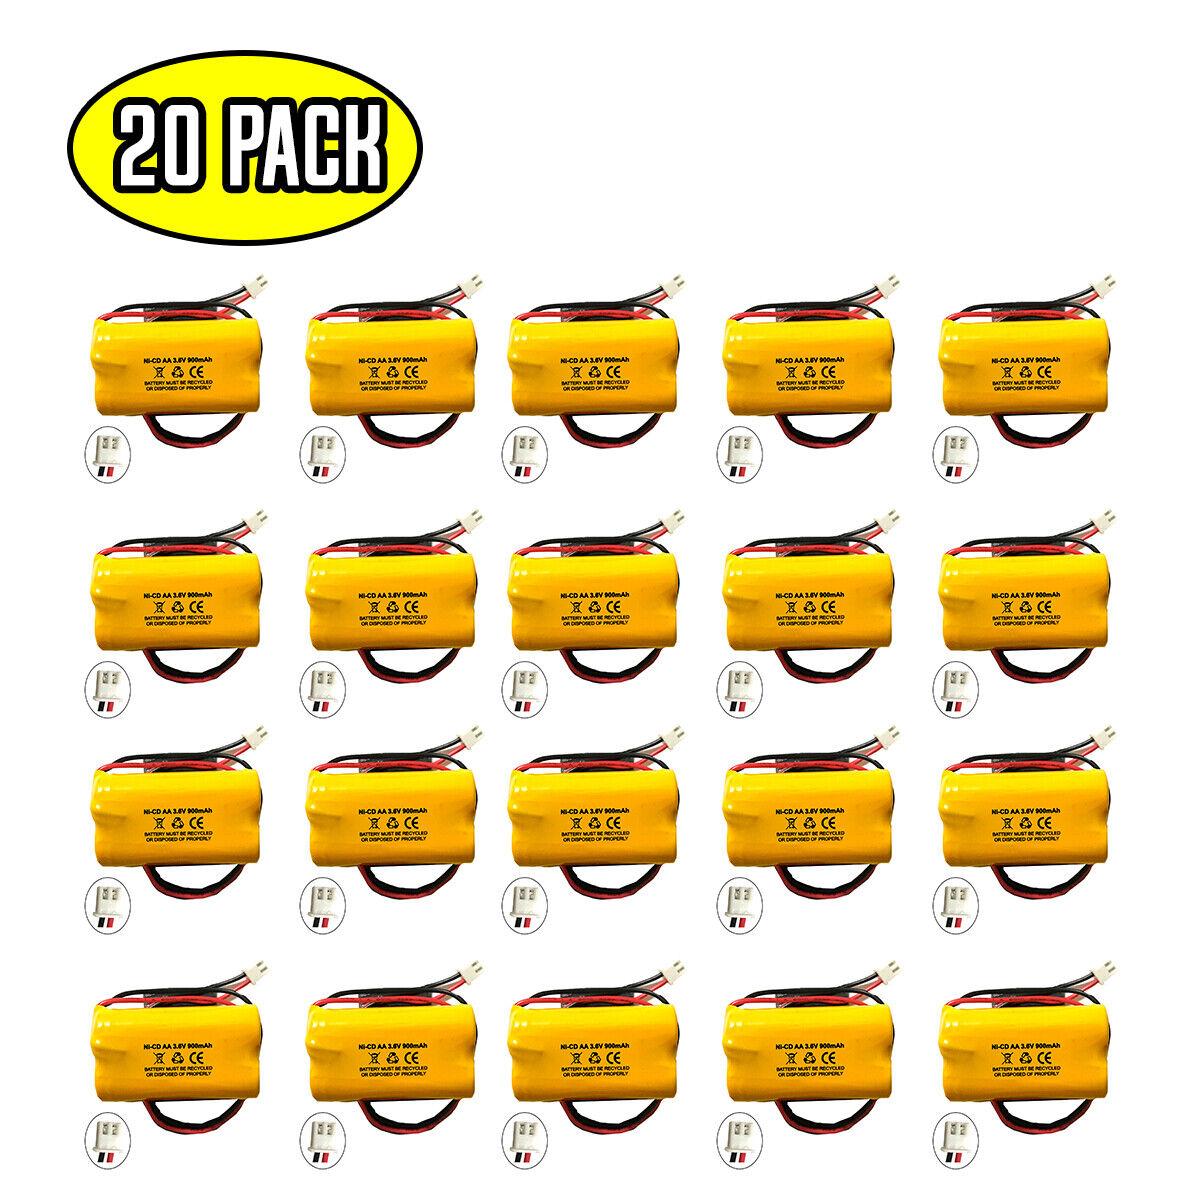 (20 pack) 3.6v 900mAh Ni-CD Battery for Emergency / Exit Light